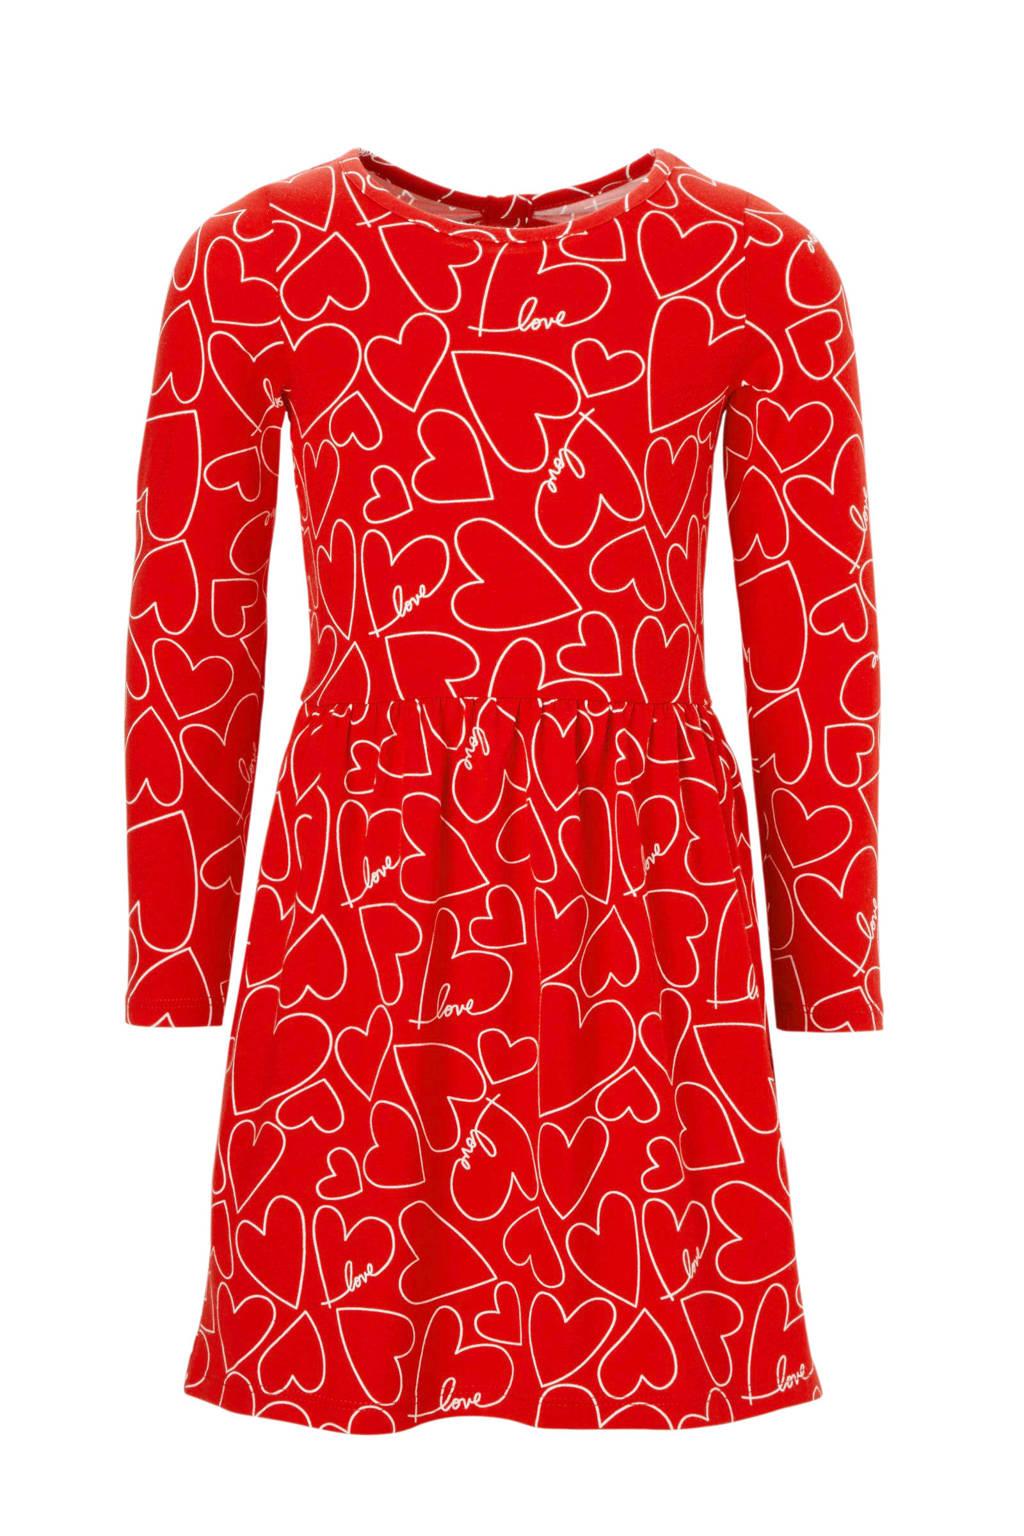 Carter's jurk met hartjes en open detail rood, Rood/wit